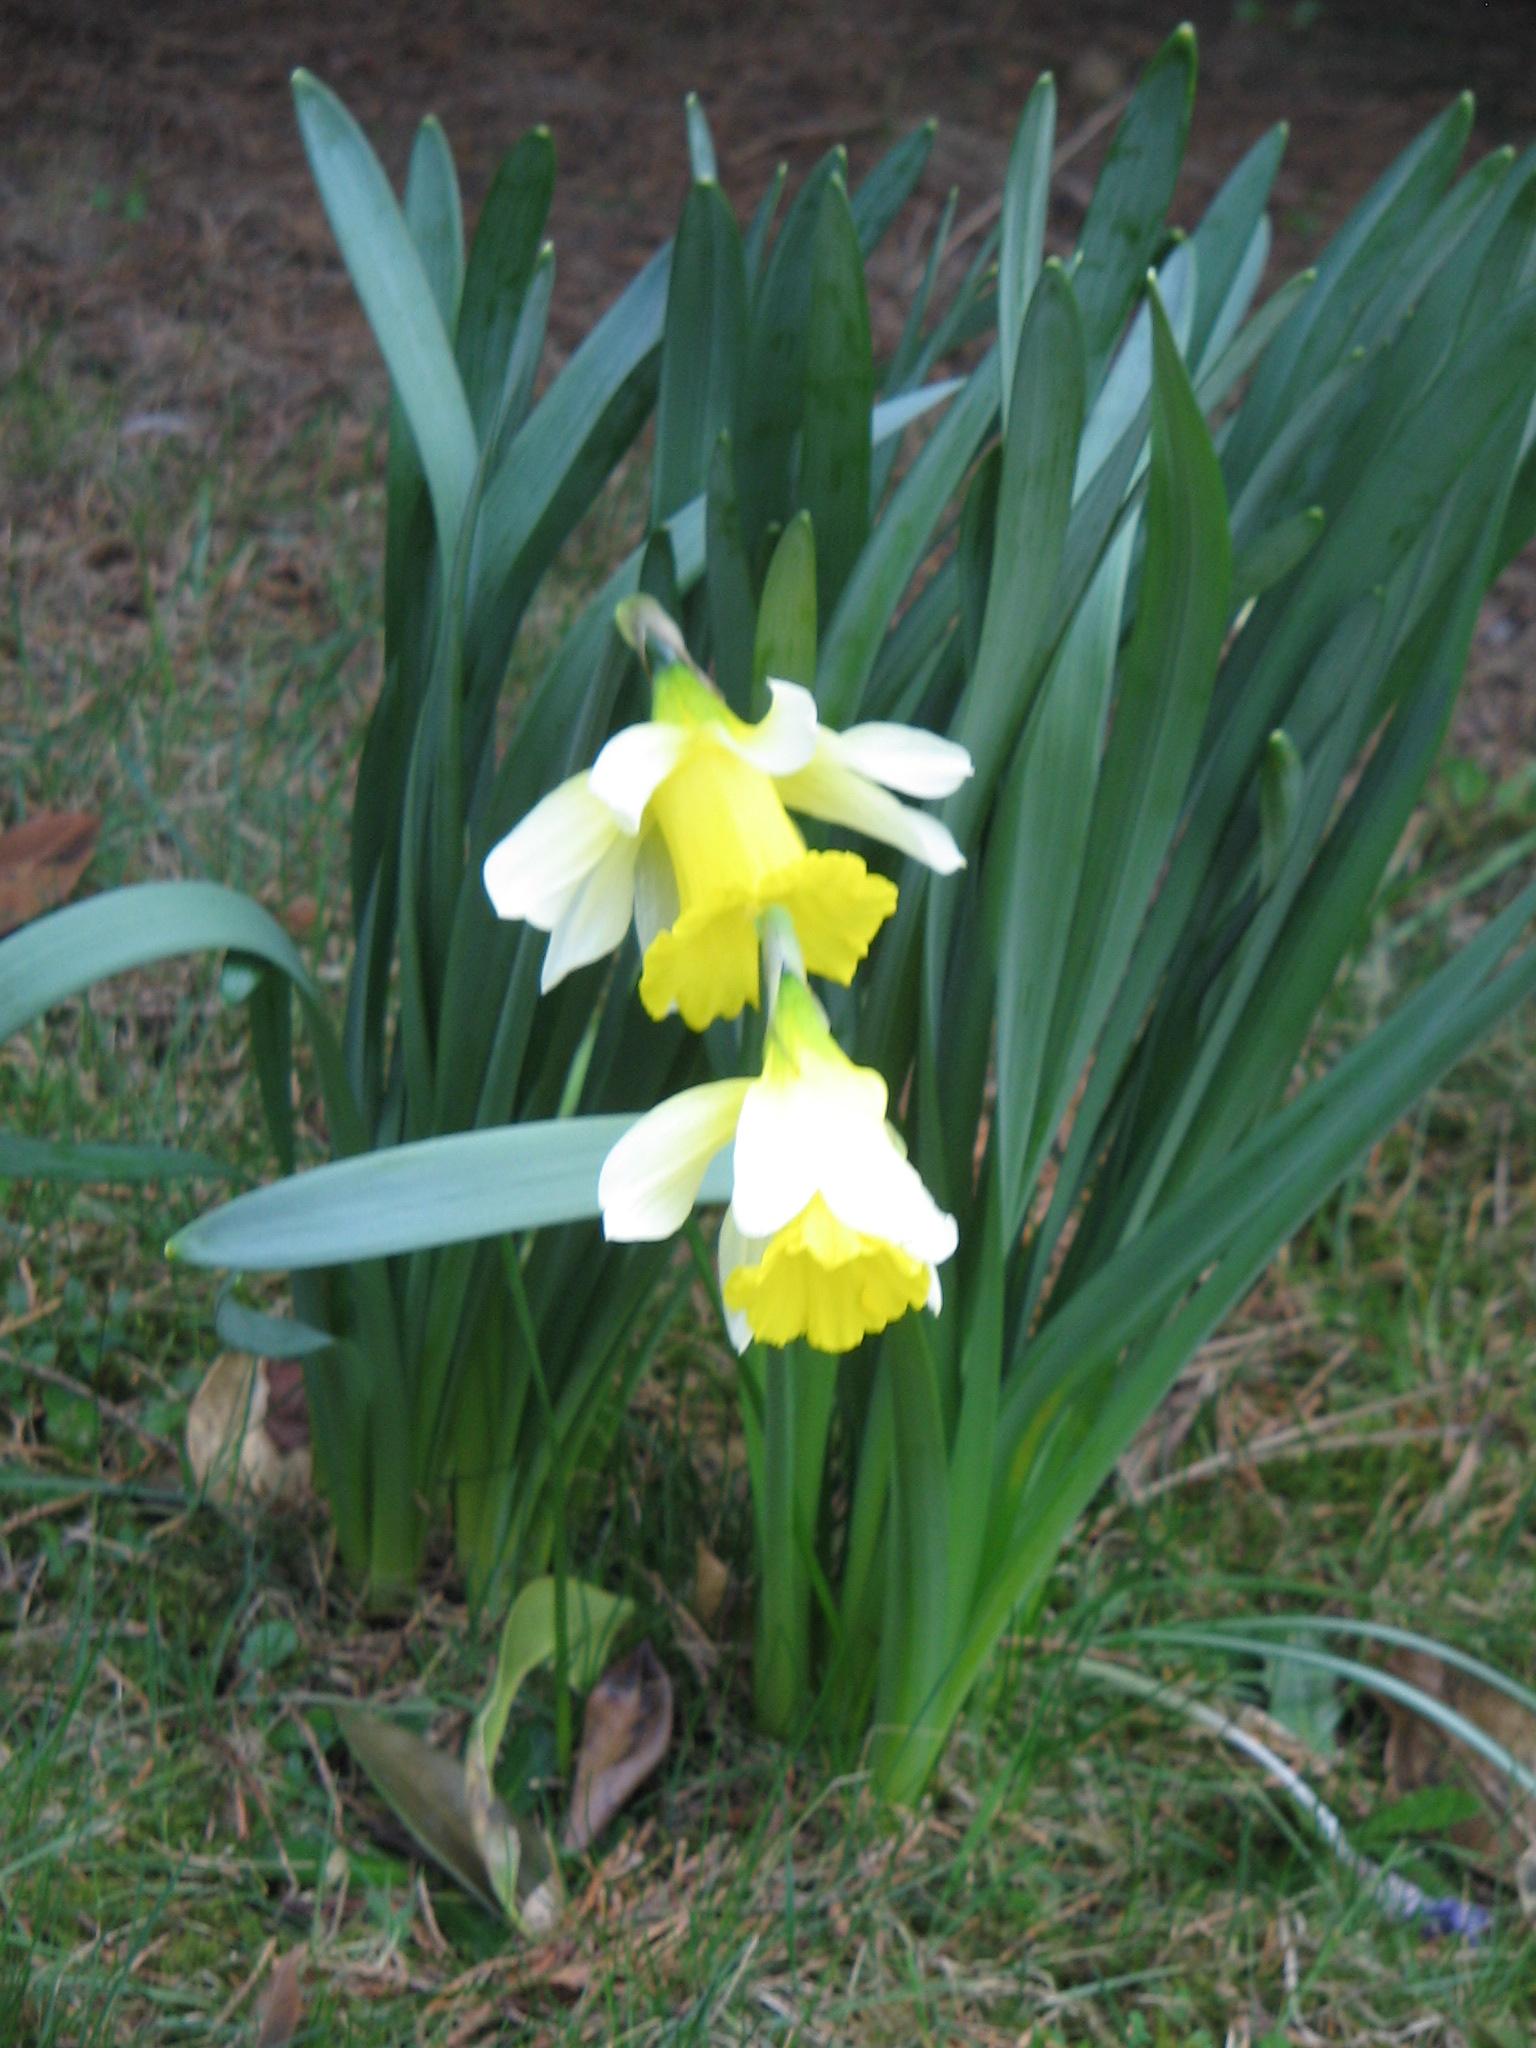 Narcissus Greek Mythology Link